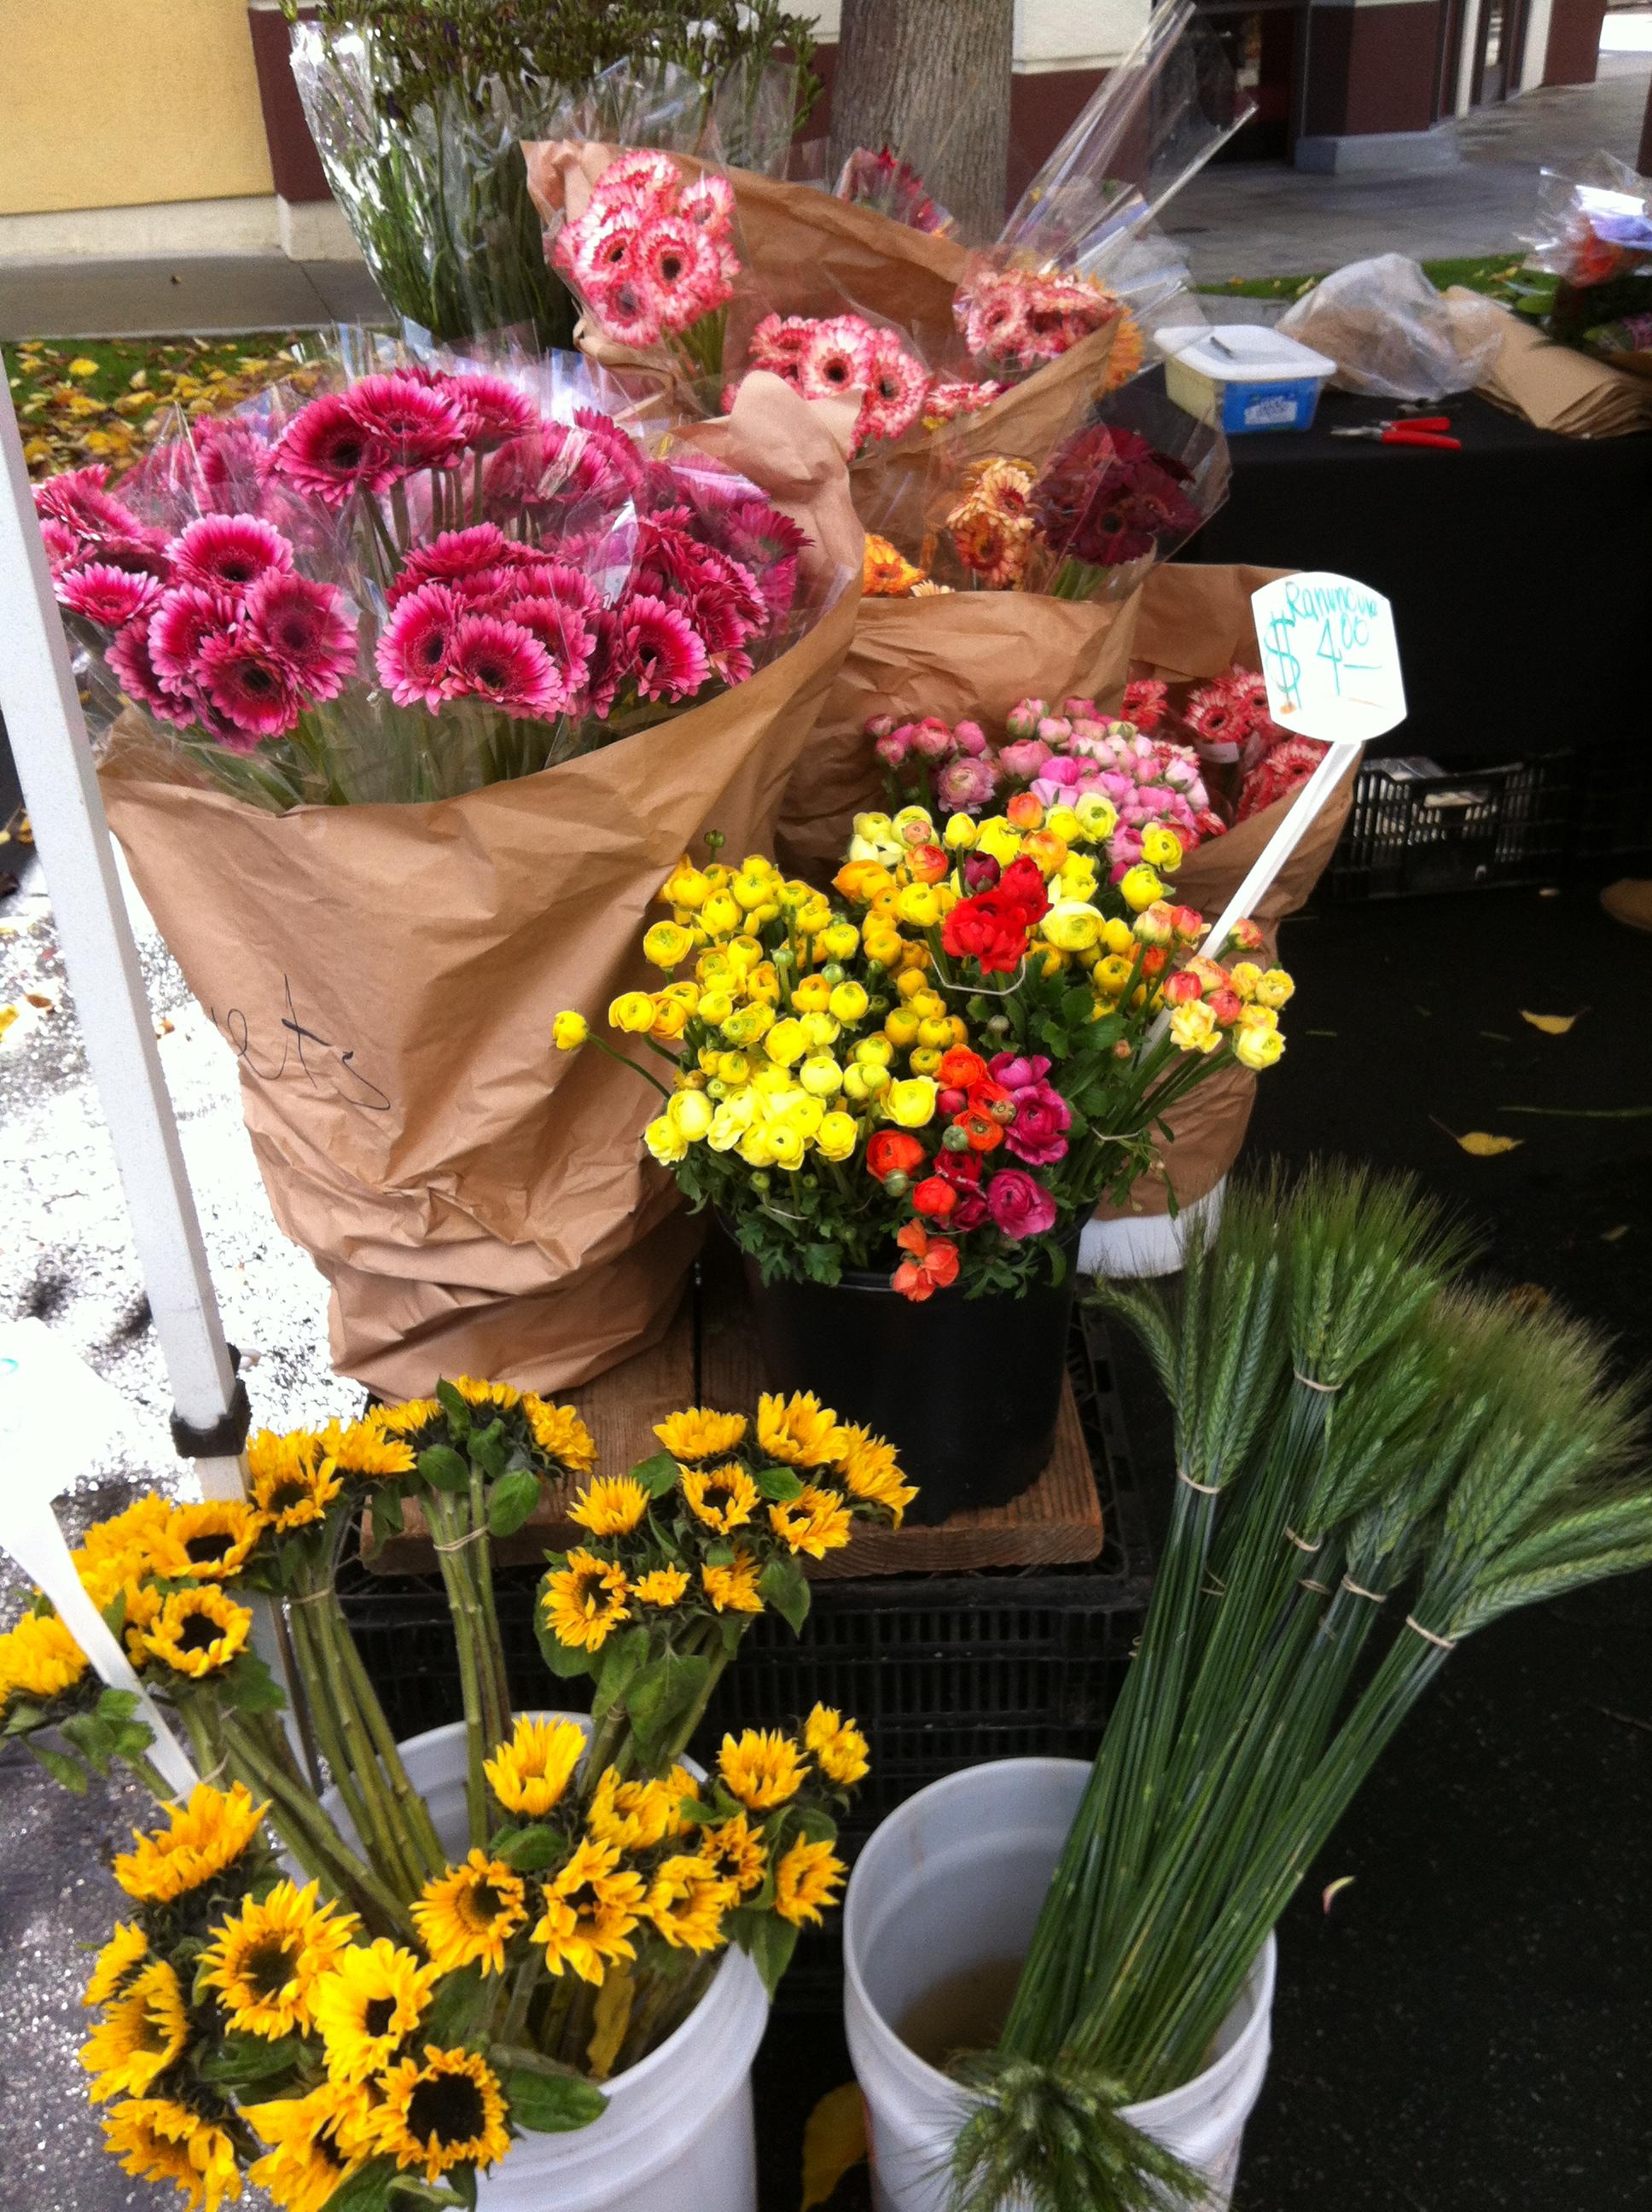 Palos Verdes Farmers Market Flowers